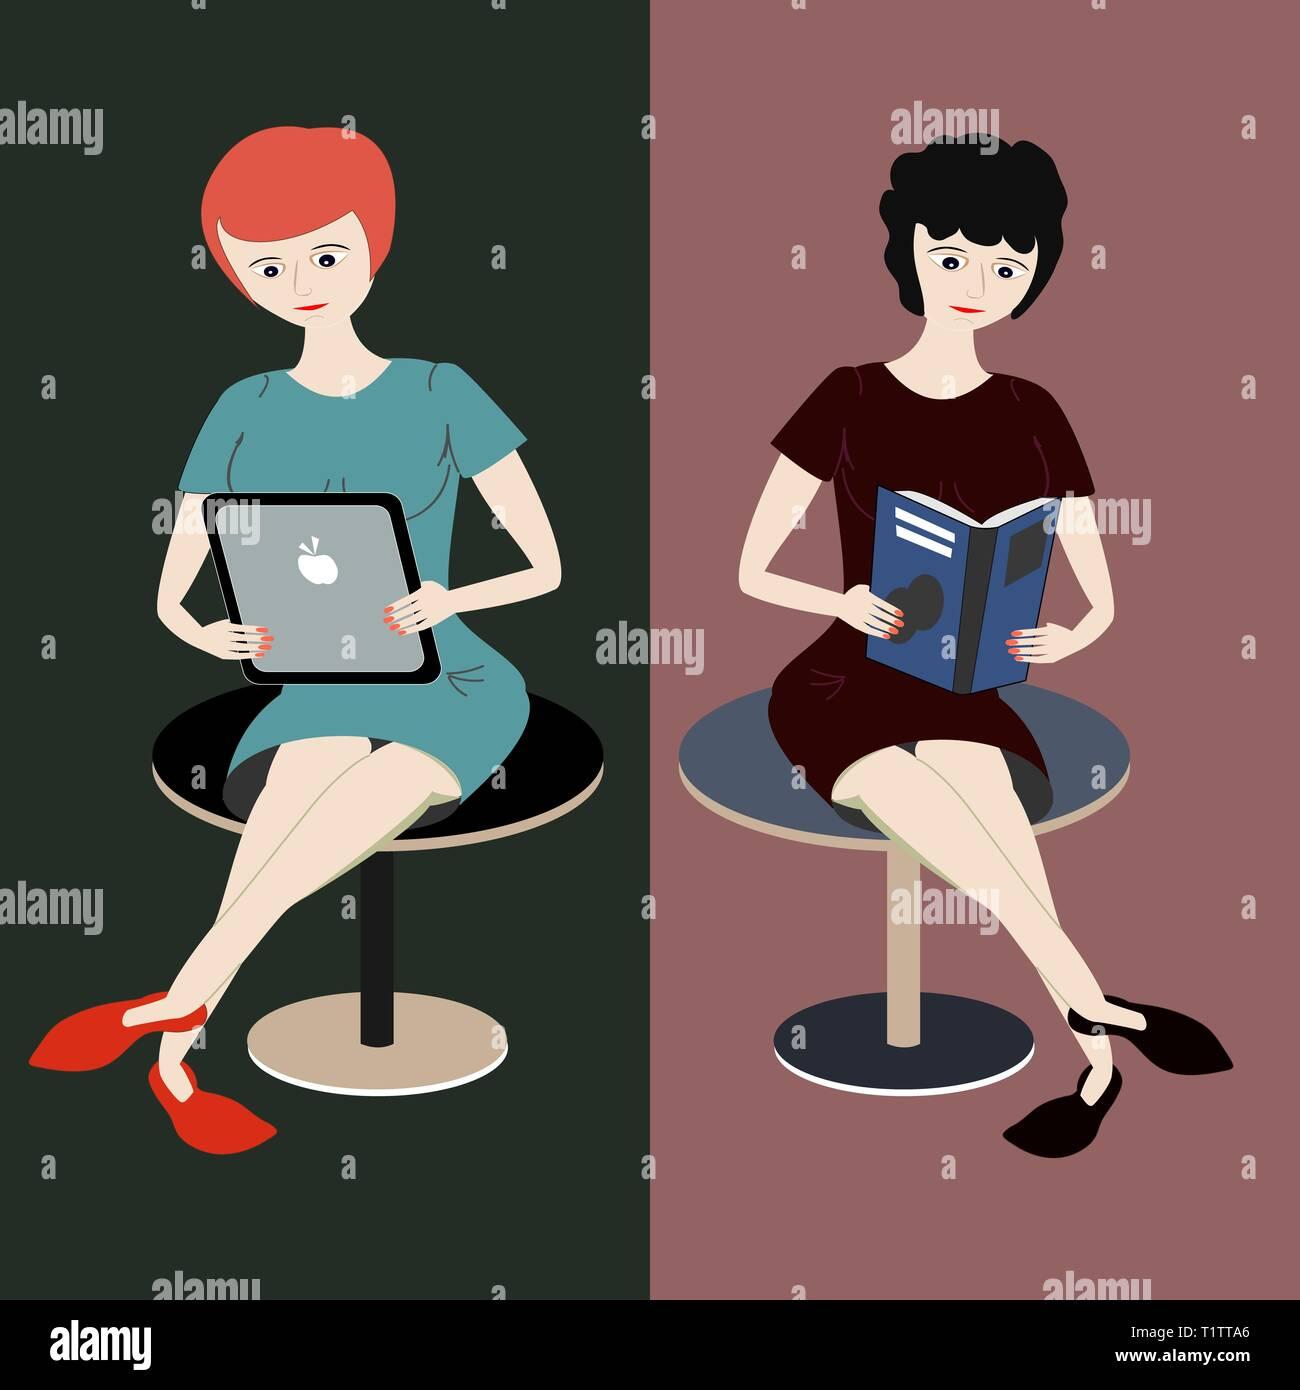 Deux filles lire. Une femme avec des cheveux roux se lit à partir de la tablette, d'autres fille aux cheveux noirs bouclés lit un livre. Comparaison de l'e-reader et réservez Photo Stock